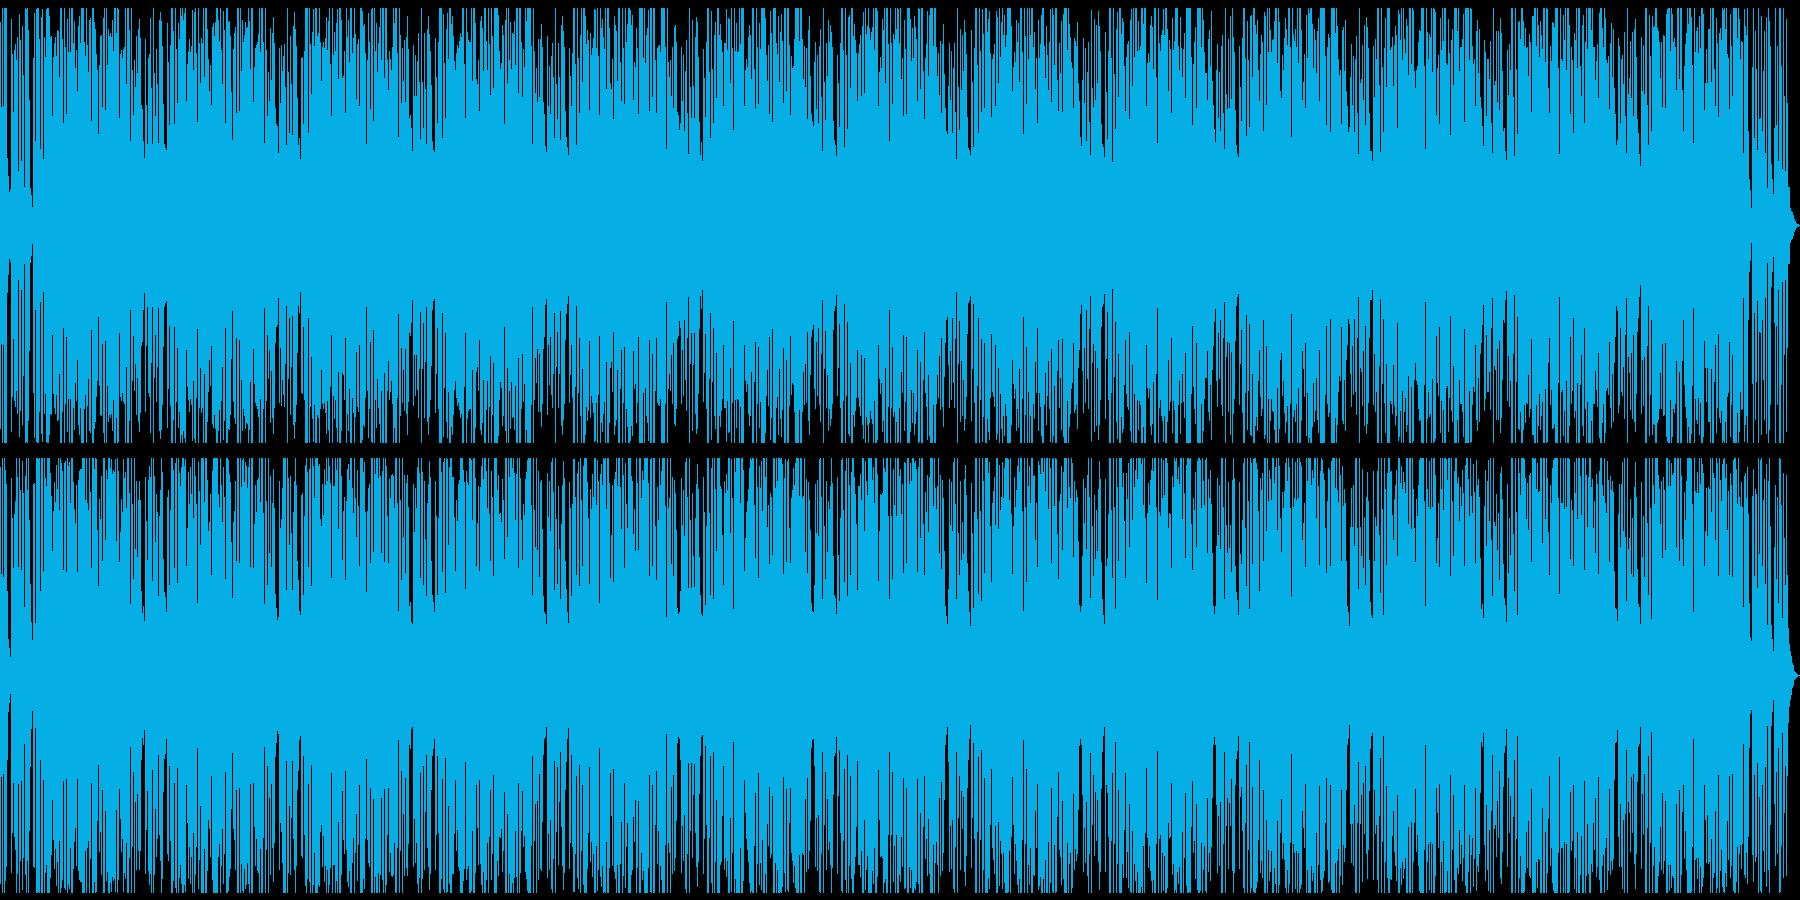 ローファイ、チルアウトの再生済みの波形